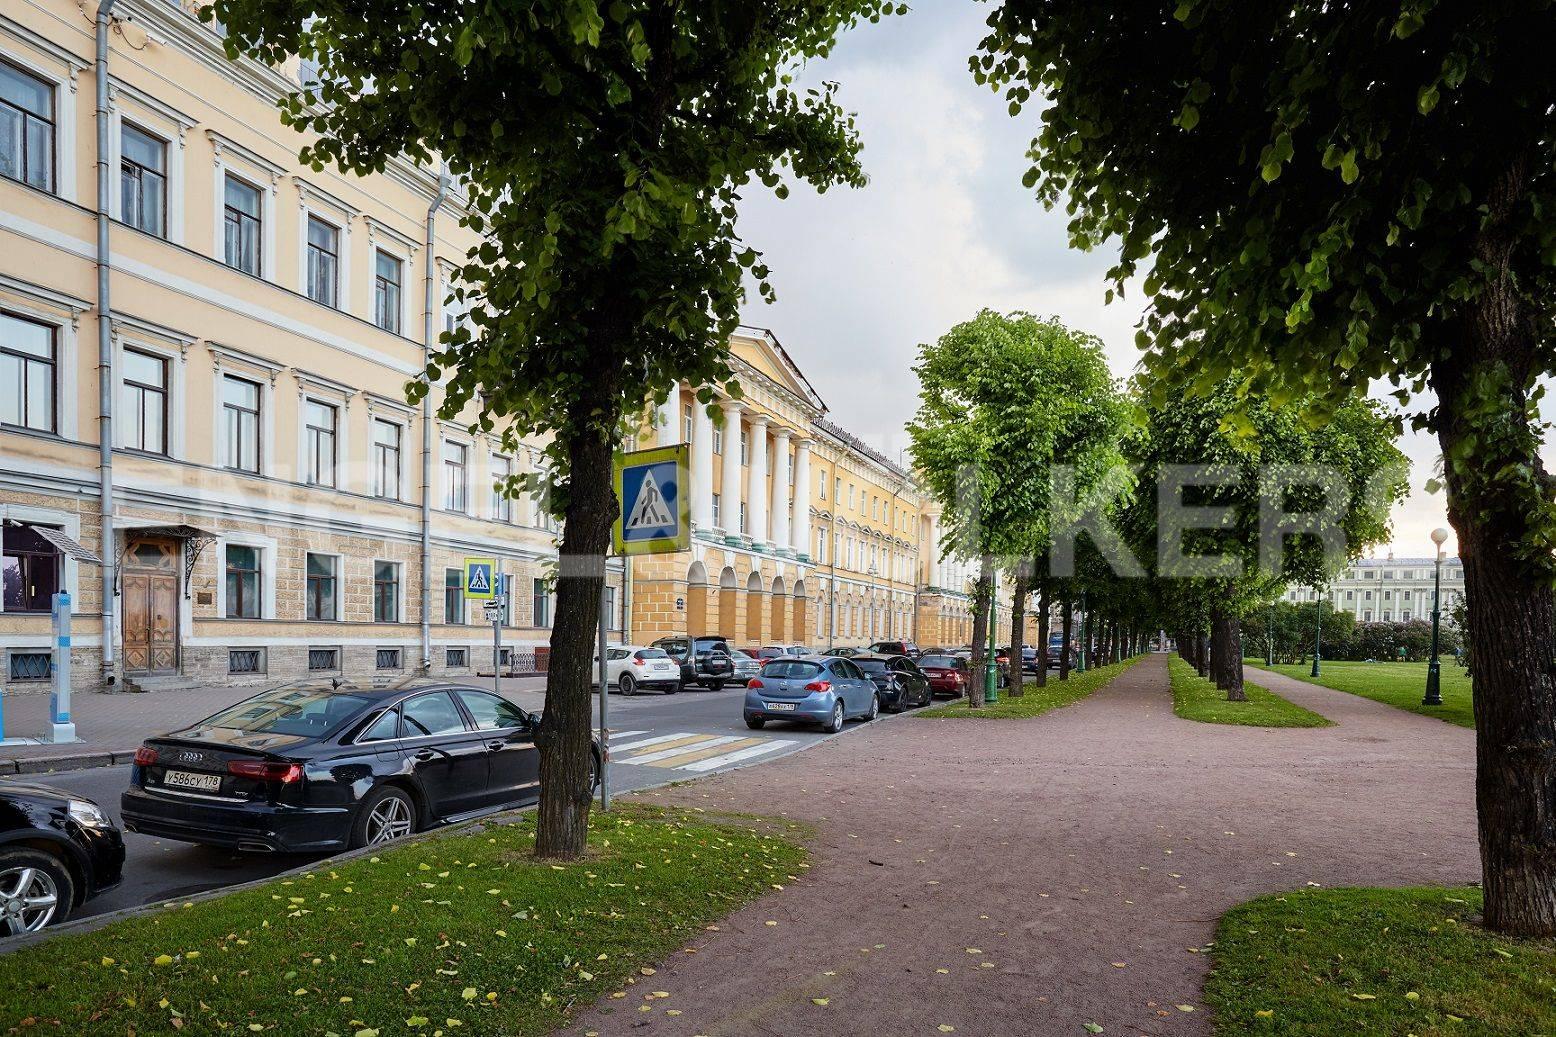 Элитные квартиры в Центральный р-н. Санкт-Петербург, Марсово поле, 3. Прогулочная аллея перед парадным входом